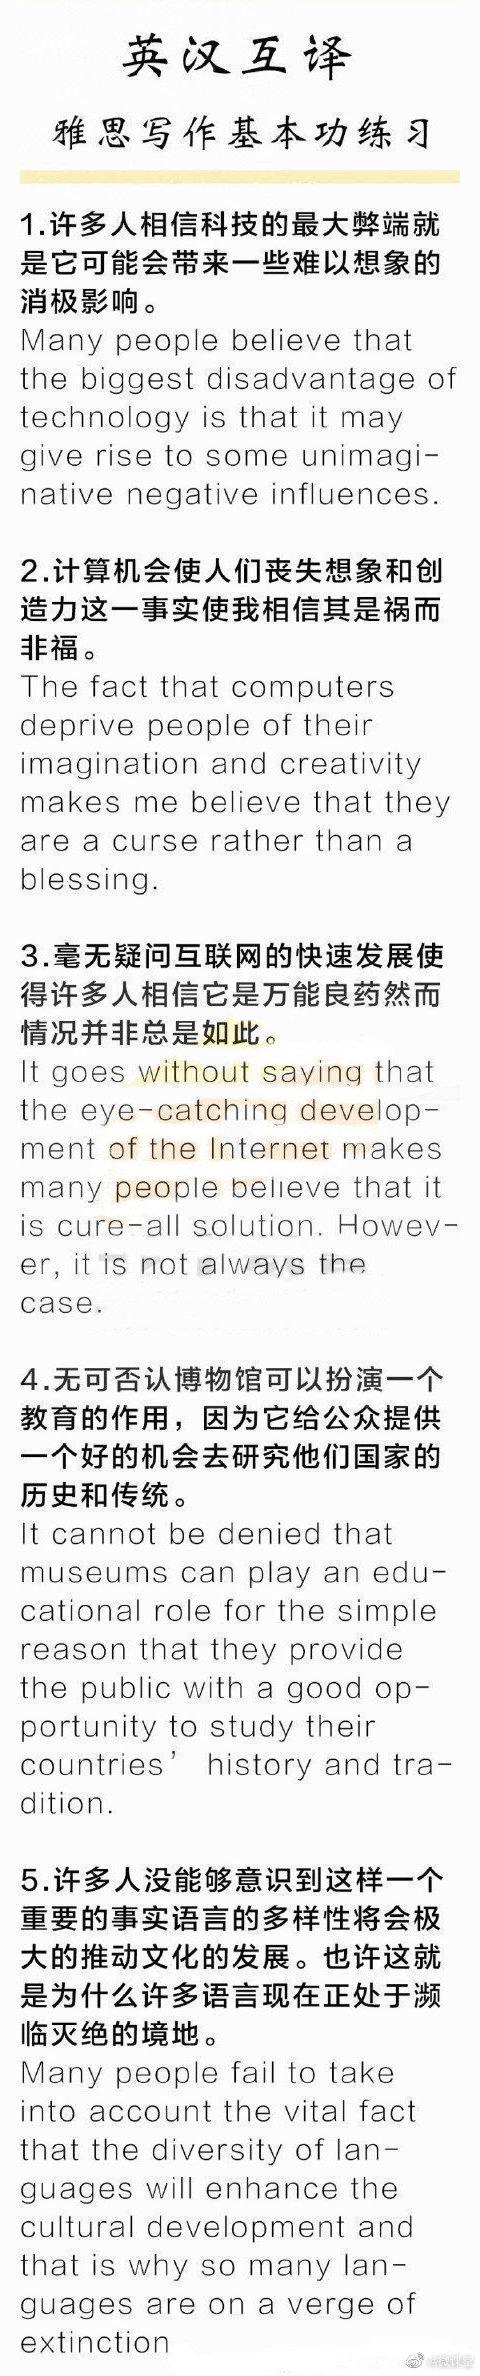 雅思写作50个论点论据的英汉互译,高分必备!